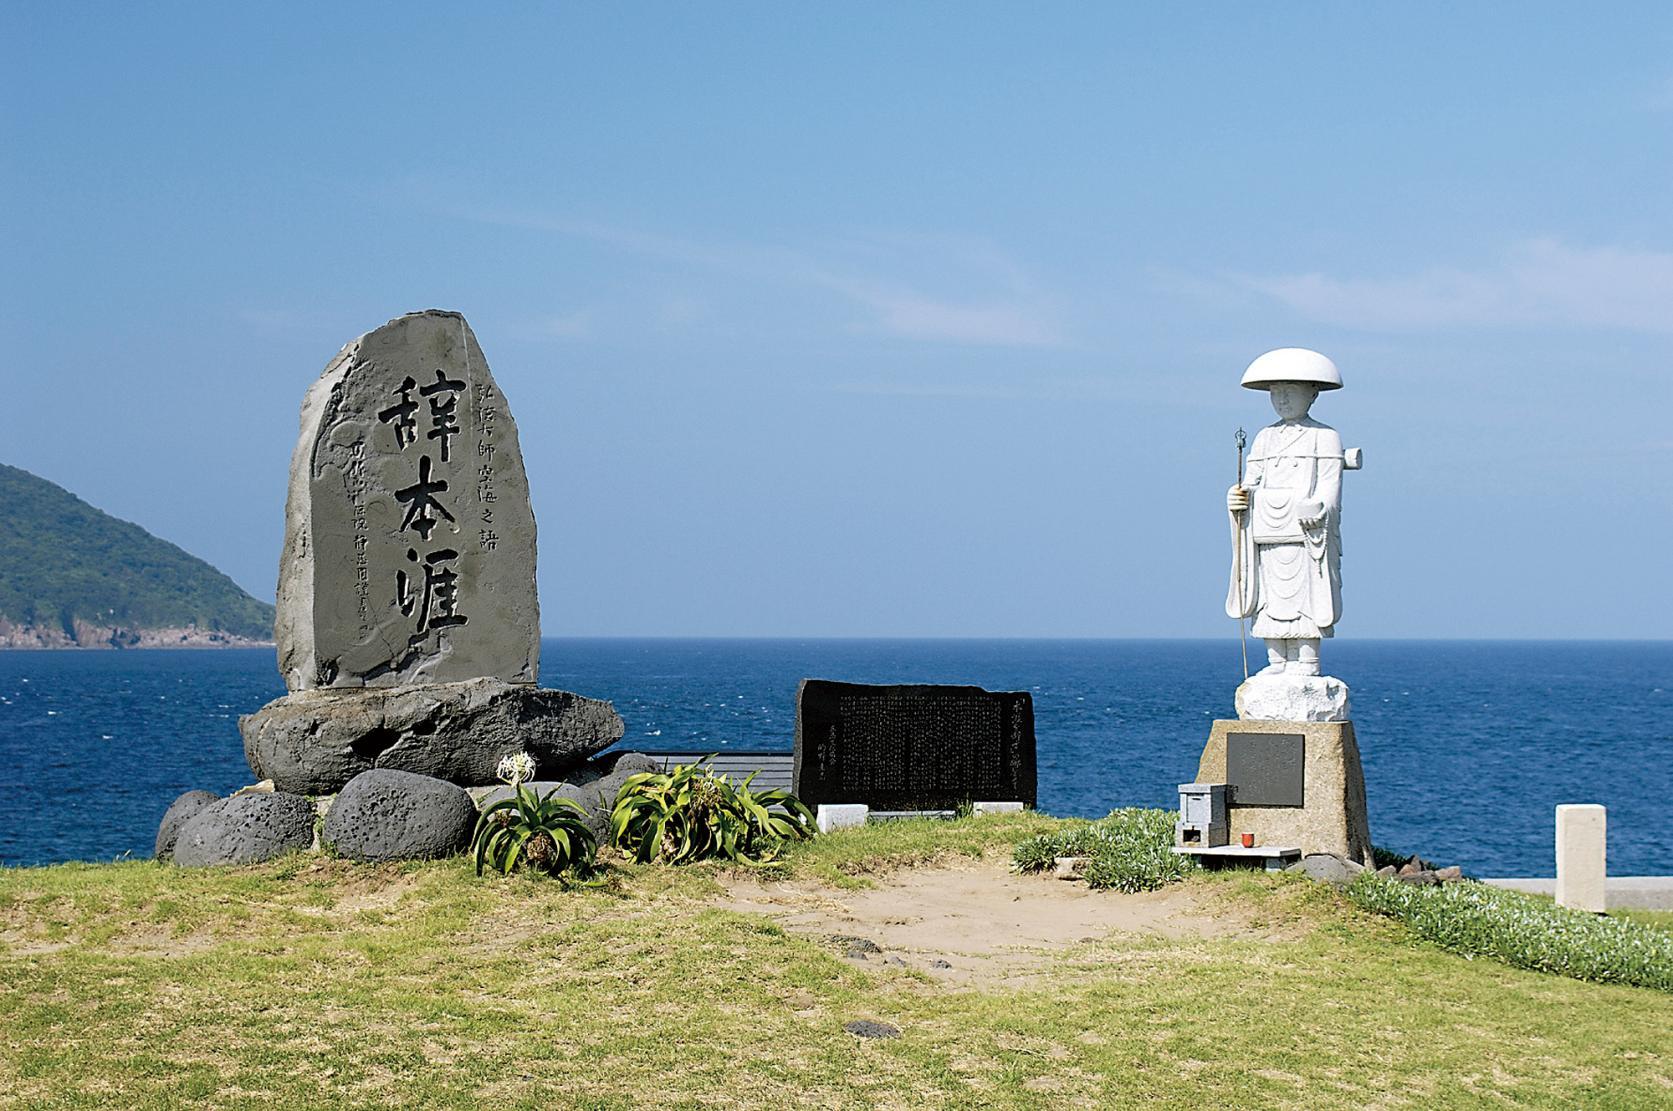 日本遺産 遣唐使ゆかりの地をめぐる-1